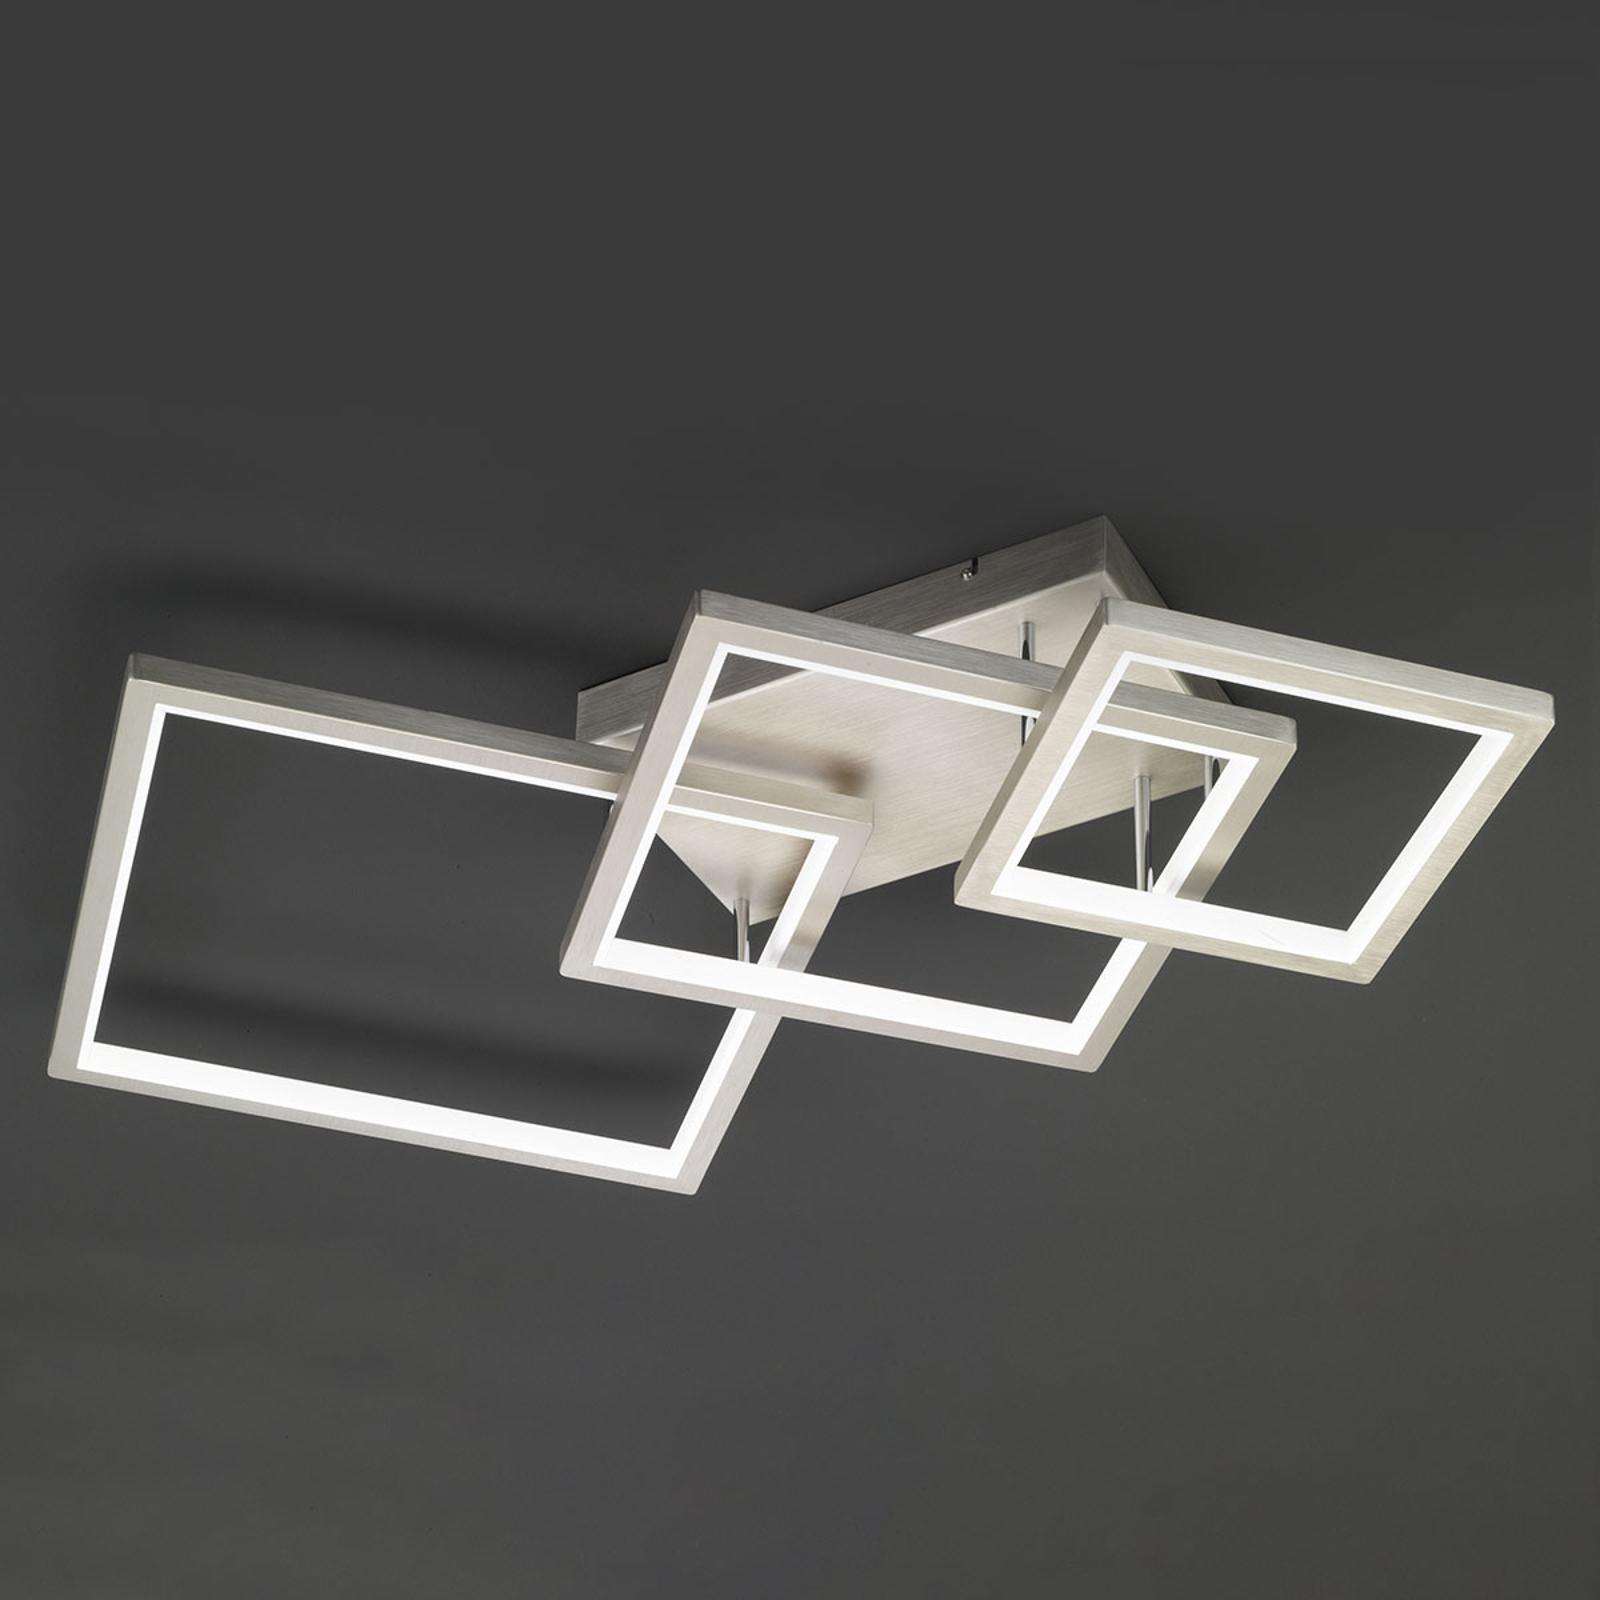 Plafonnier LED Viso dimmable par interrupteur